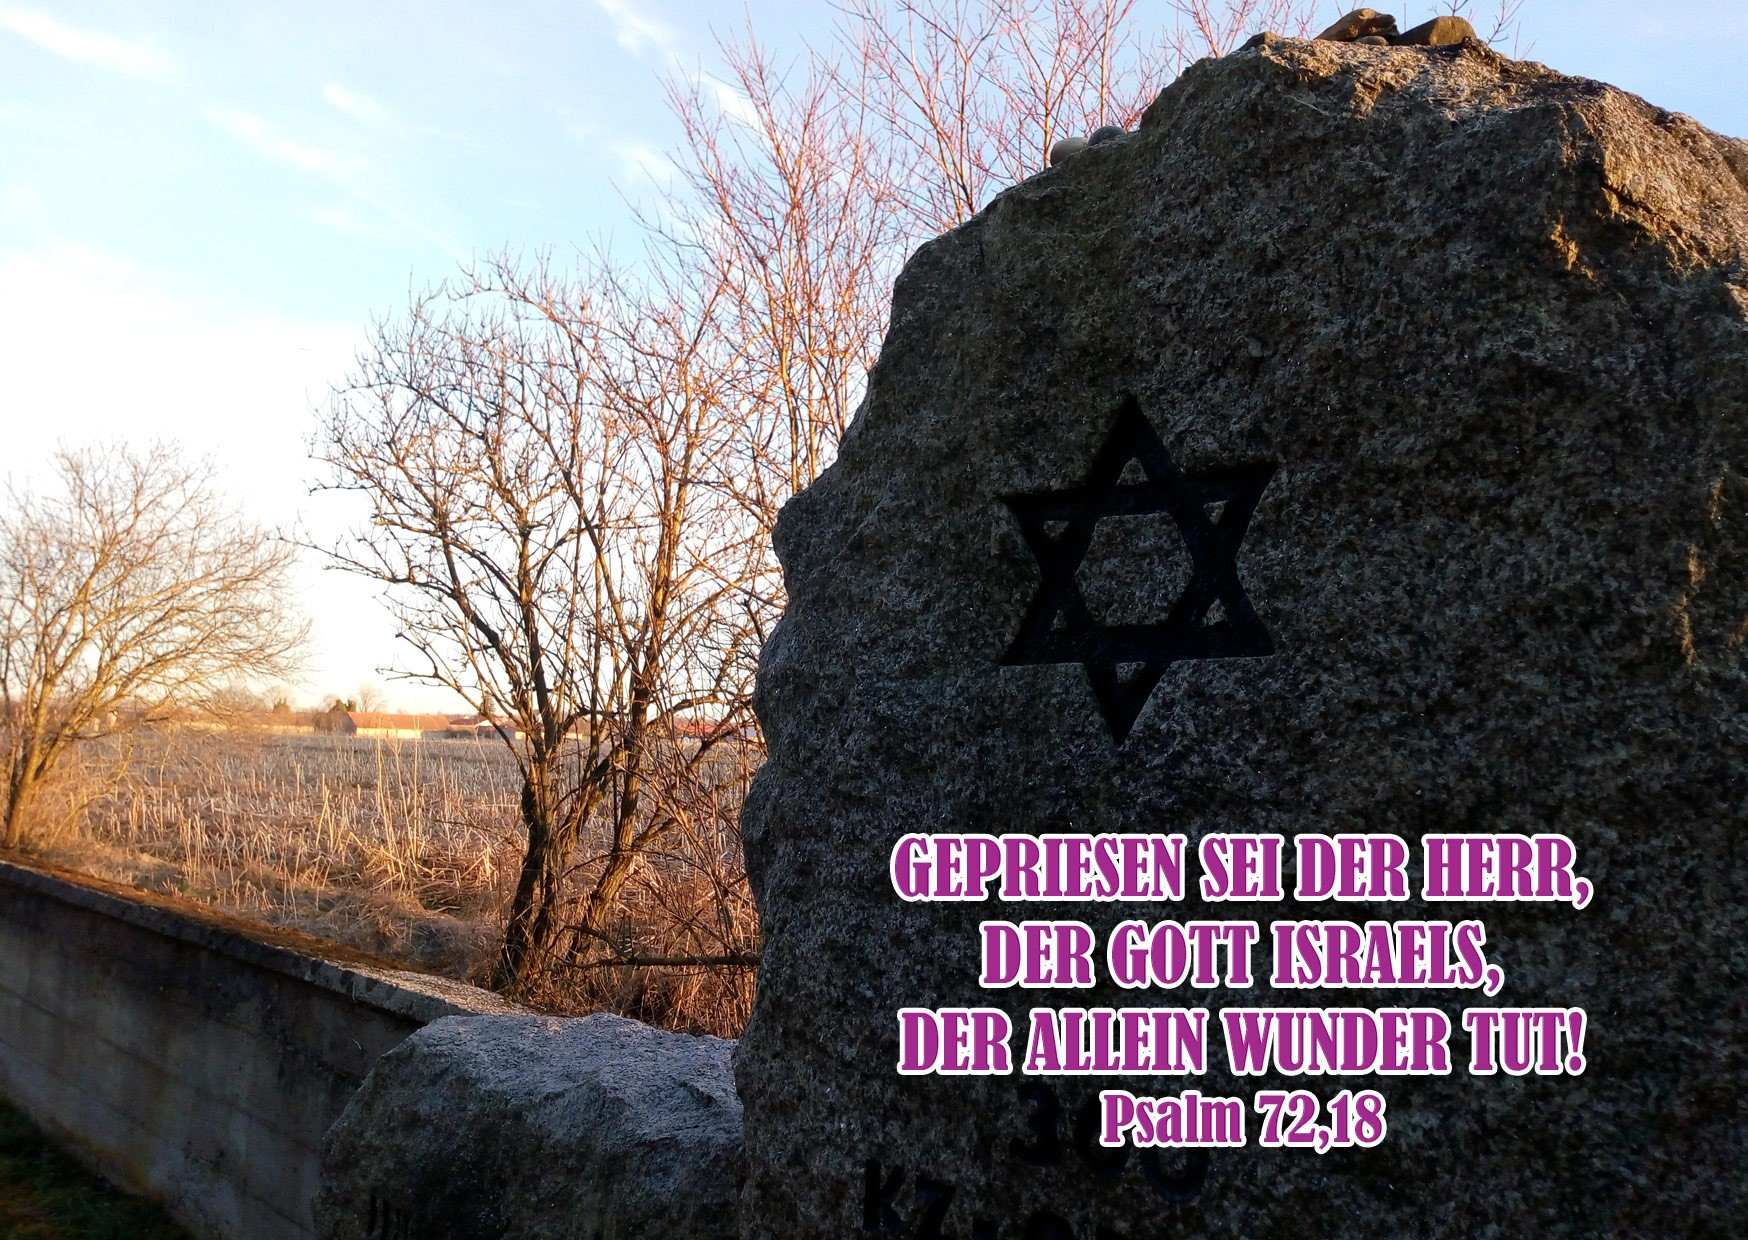 Bibelzitat, Psalm 72,18, Foto: Danzer, Christine, Bibel, go 4 Jesus